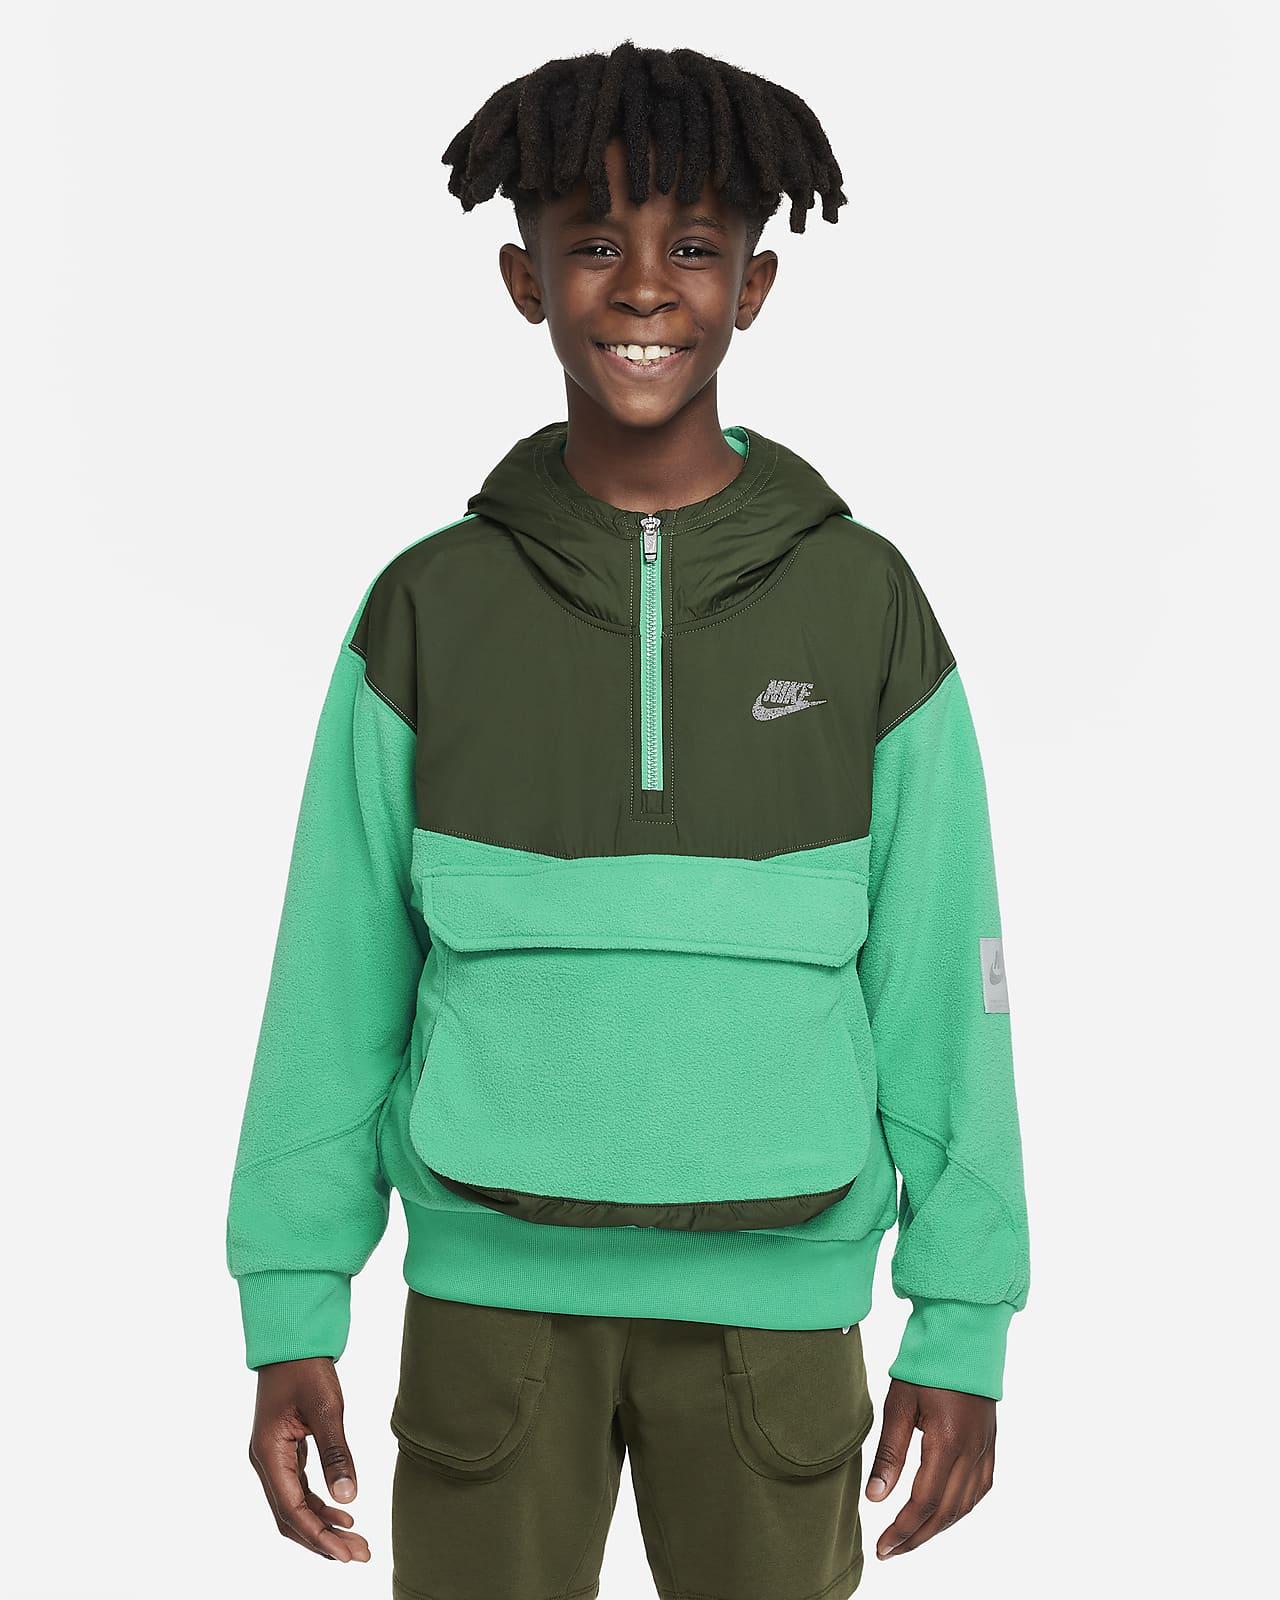 Nike Sportswear Kids Pack Big Kids' Woven Jacket